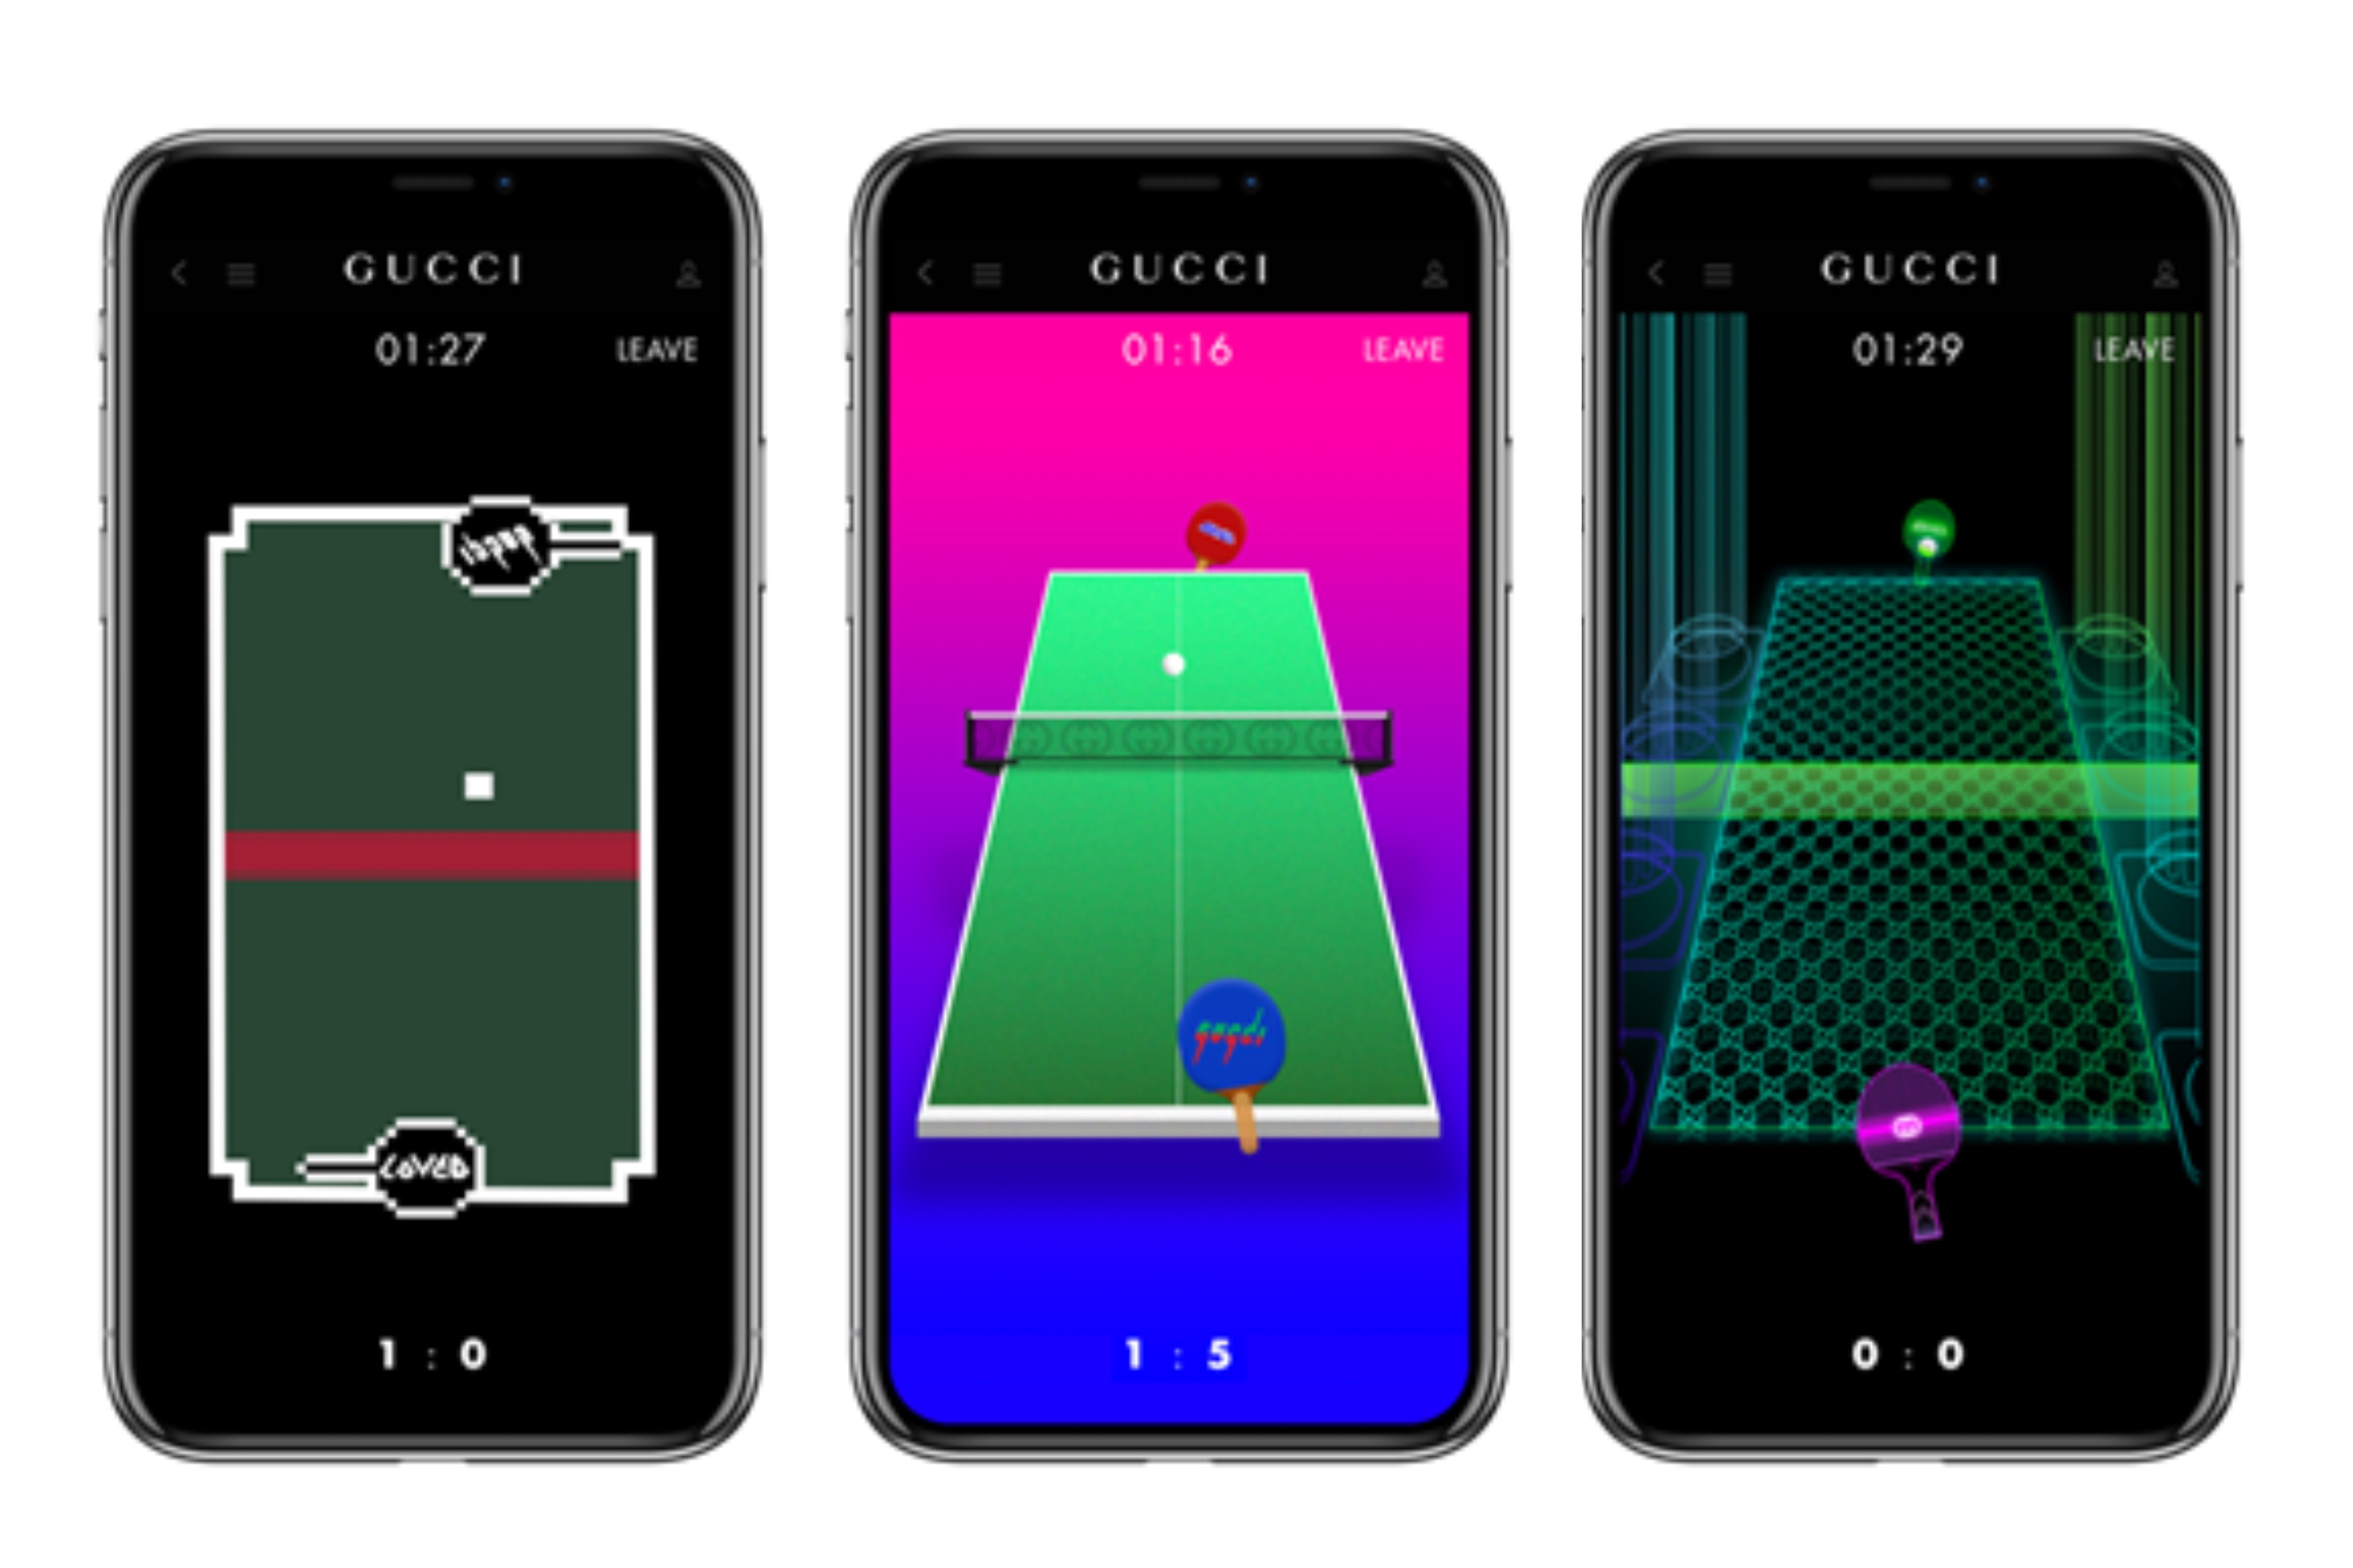 GUCCI公式アプリに2ゲーム<br>テクノロジーで過去と現在融合